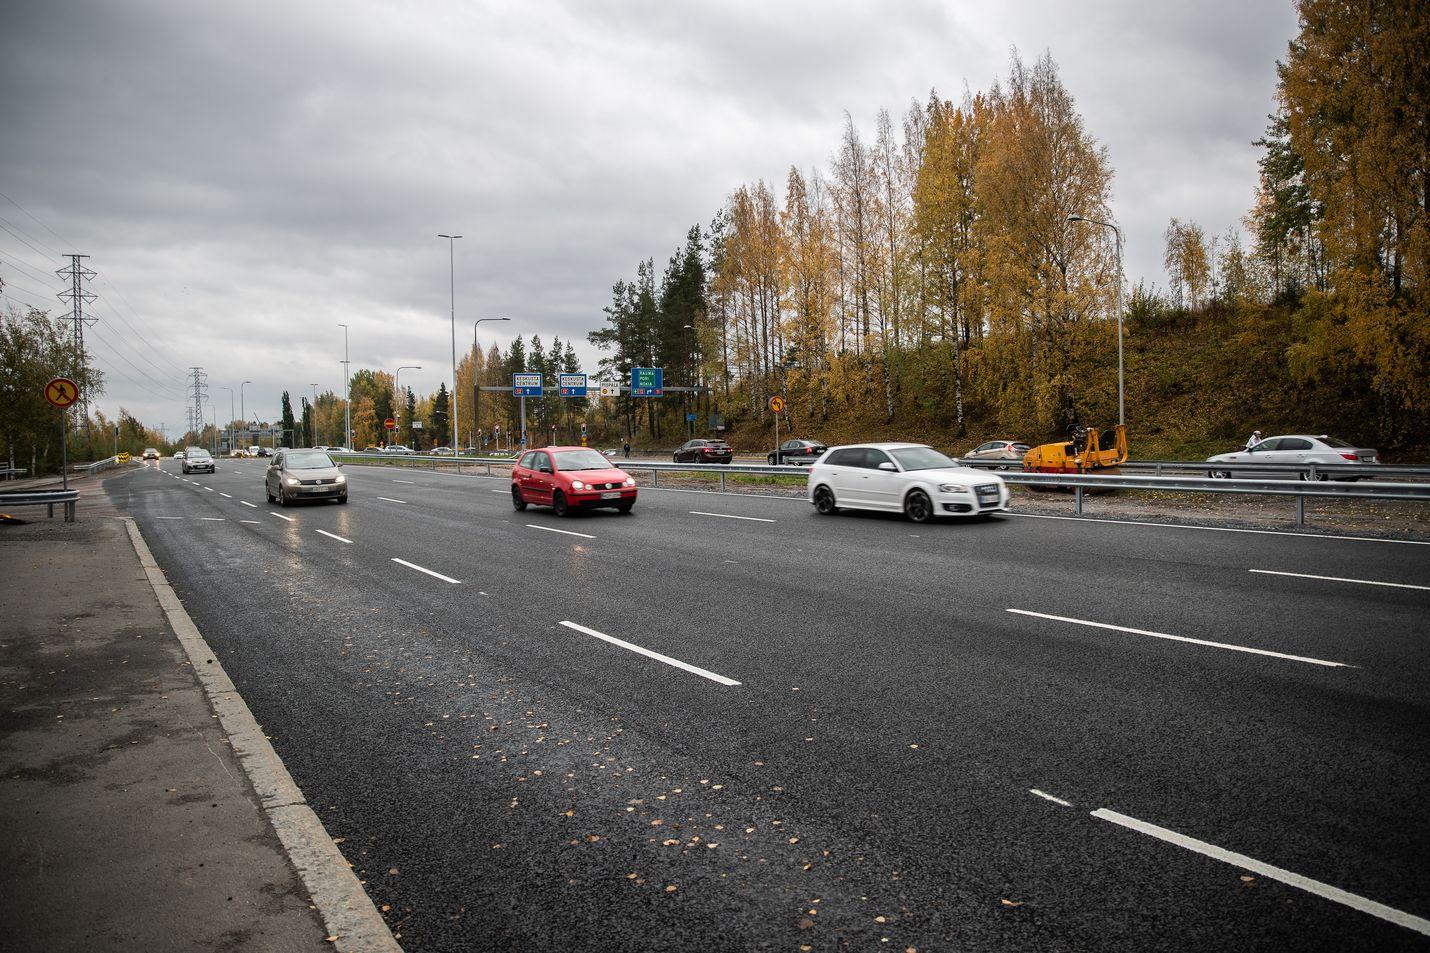 Autoja ja kaksipyöräisiä kuljettavilla alle 25-vuotiailla on suurempi onnettomuusriski kuin muilla ikäryhmillä. Vakavimpien onnettomuuksien kohdalla tilanne näyttää ainakin tänä vuonna kehittyneen parempaan suuntaan.